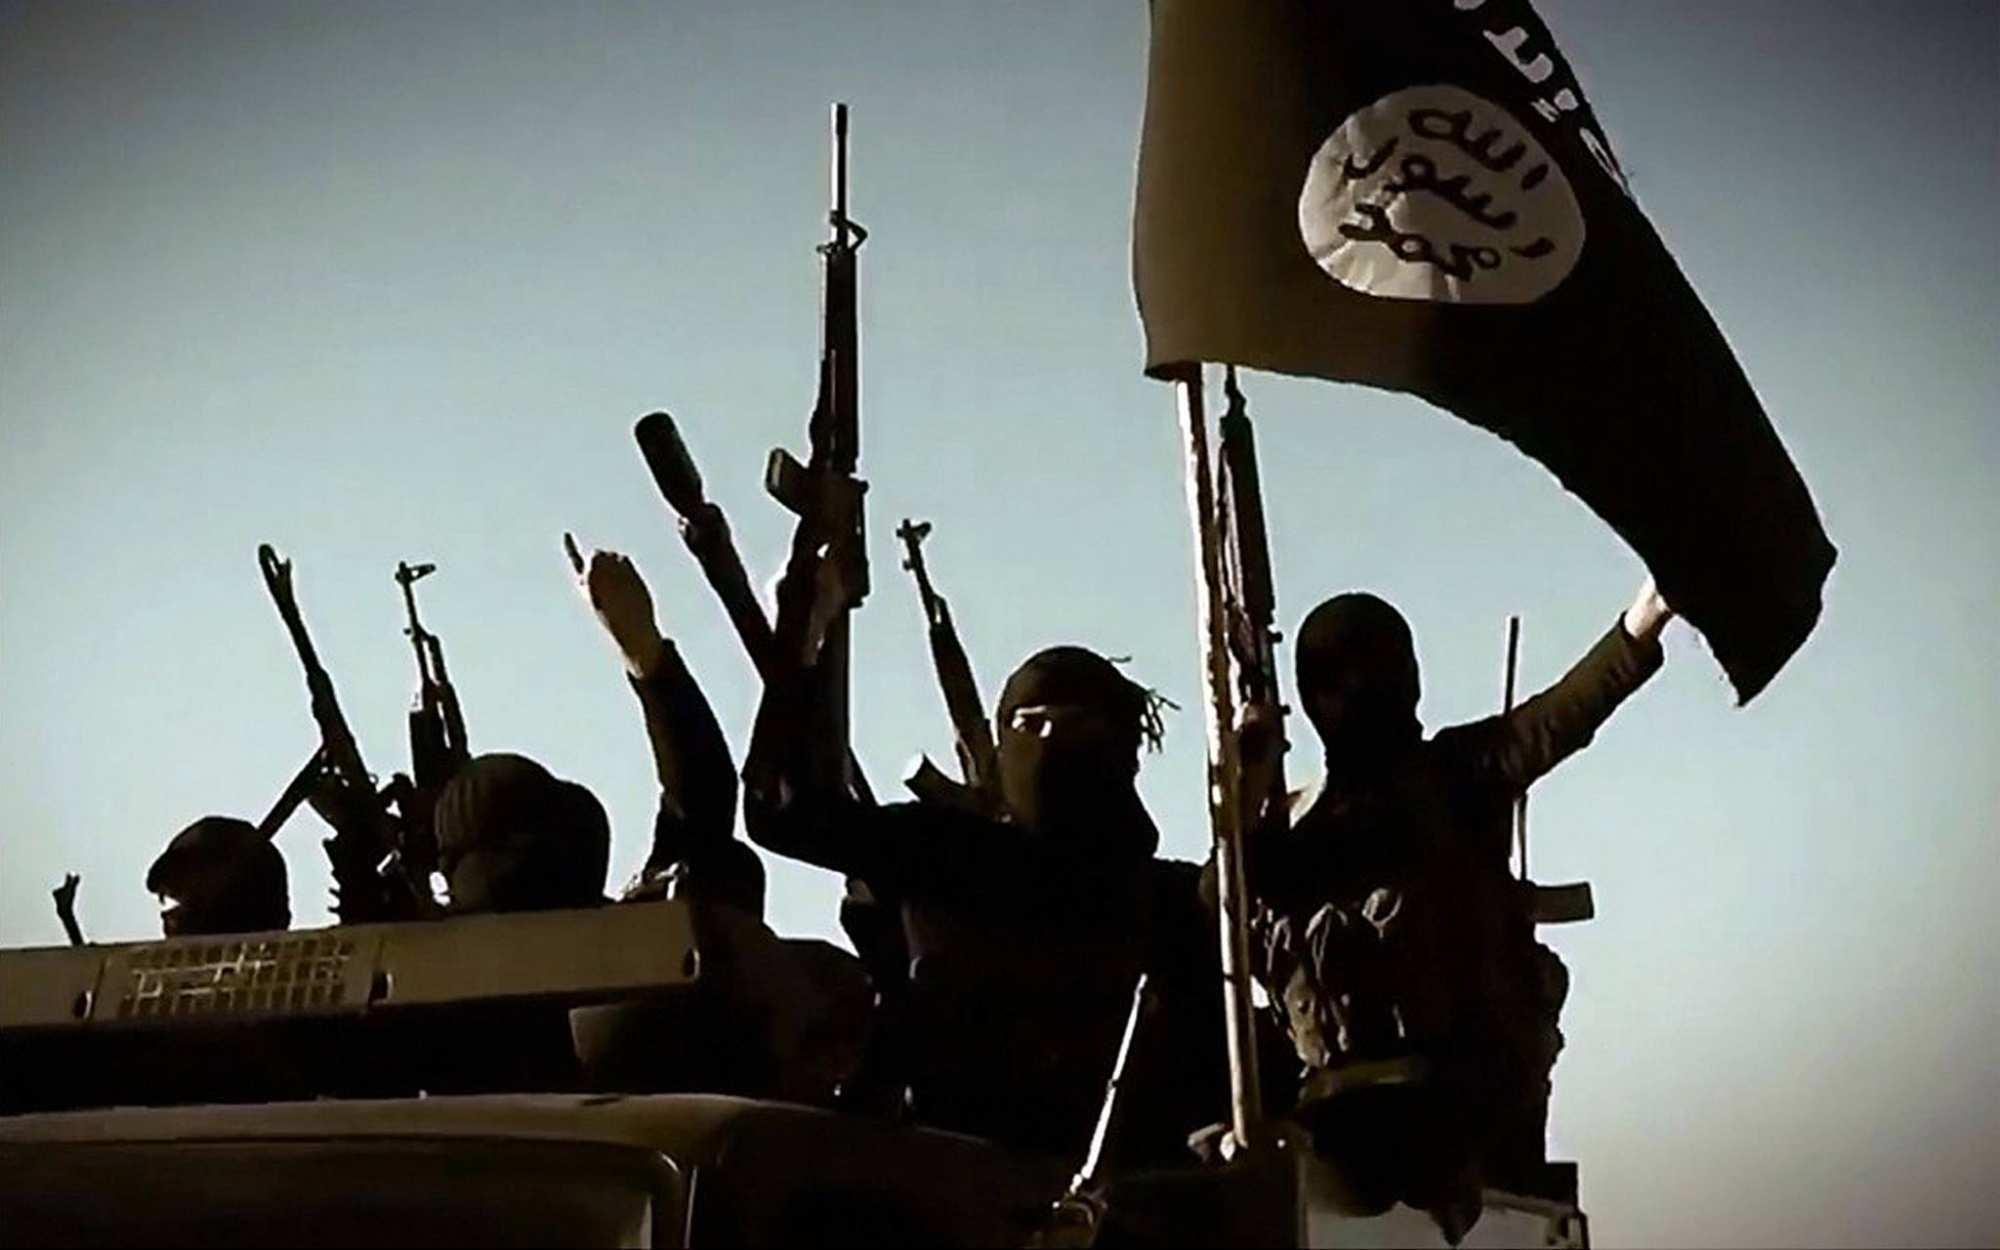 «Что мы взорвем в следующий раз» — жуткий опрос от ИГИЛ | Русская весна